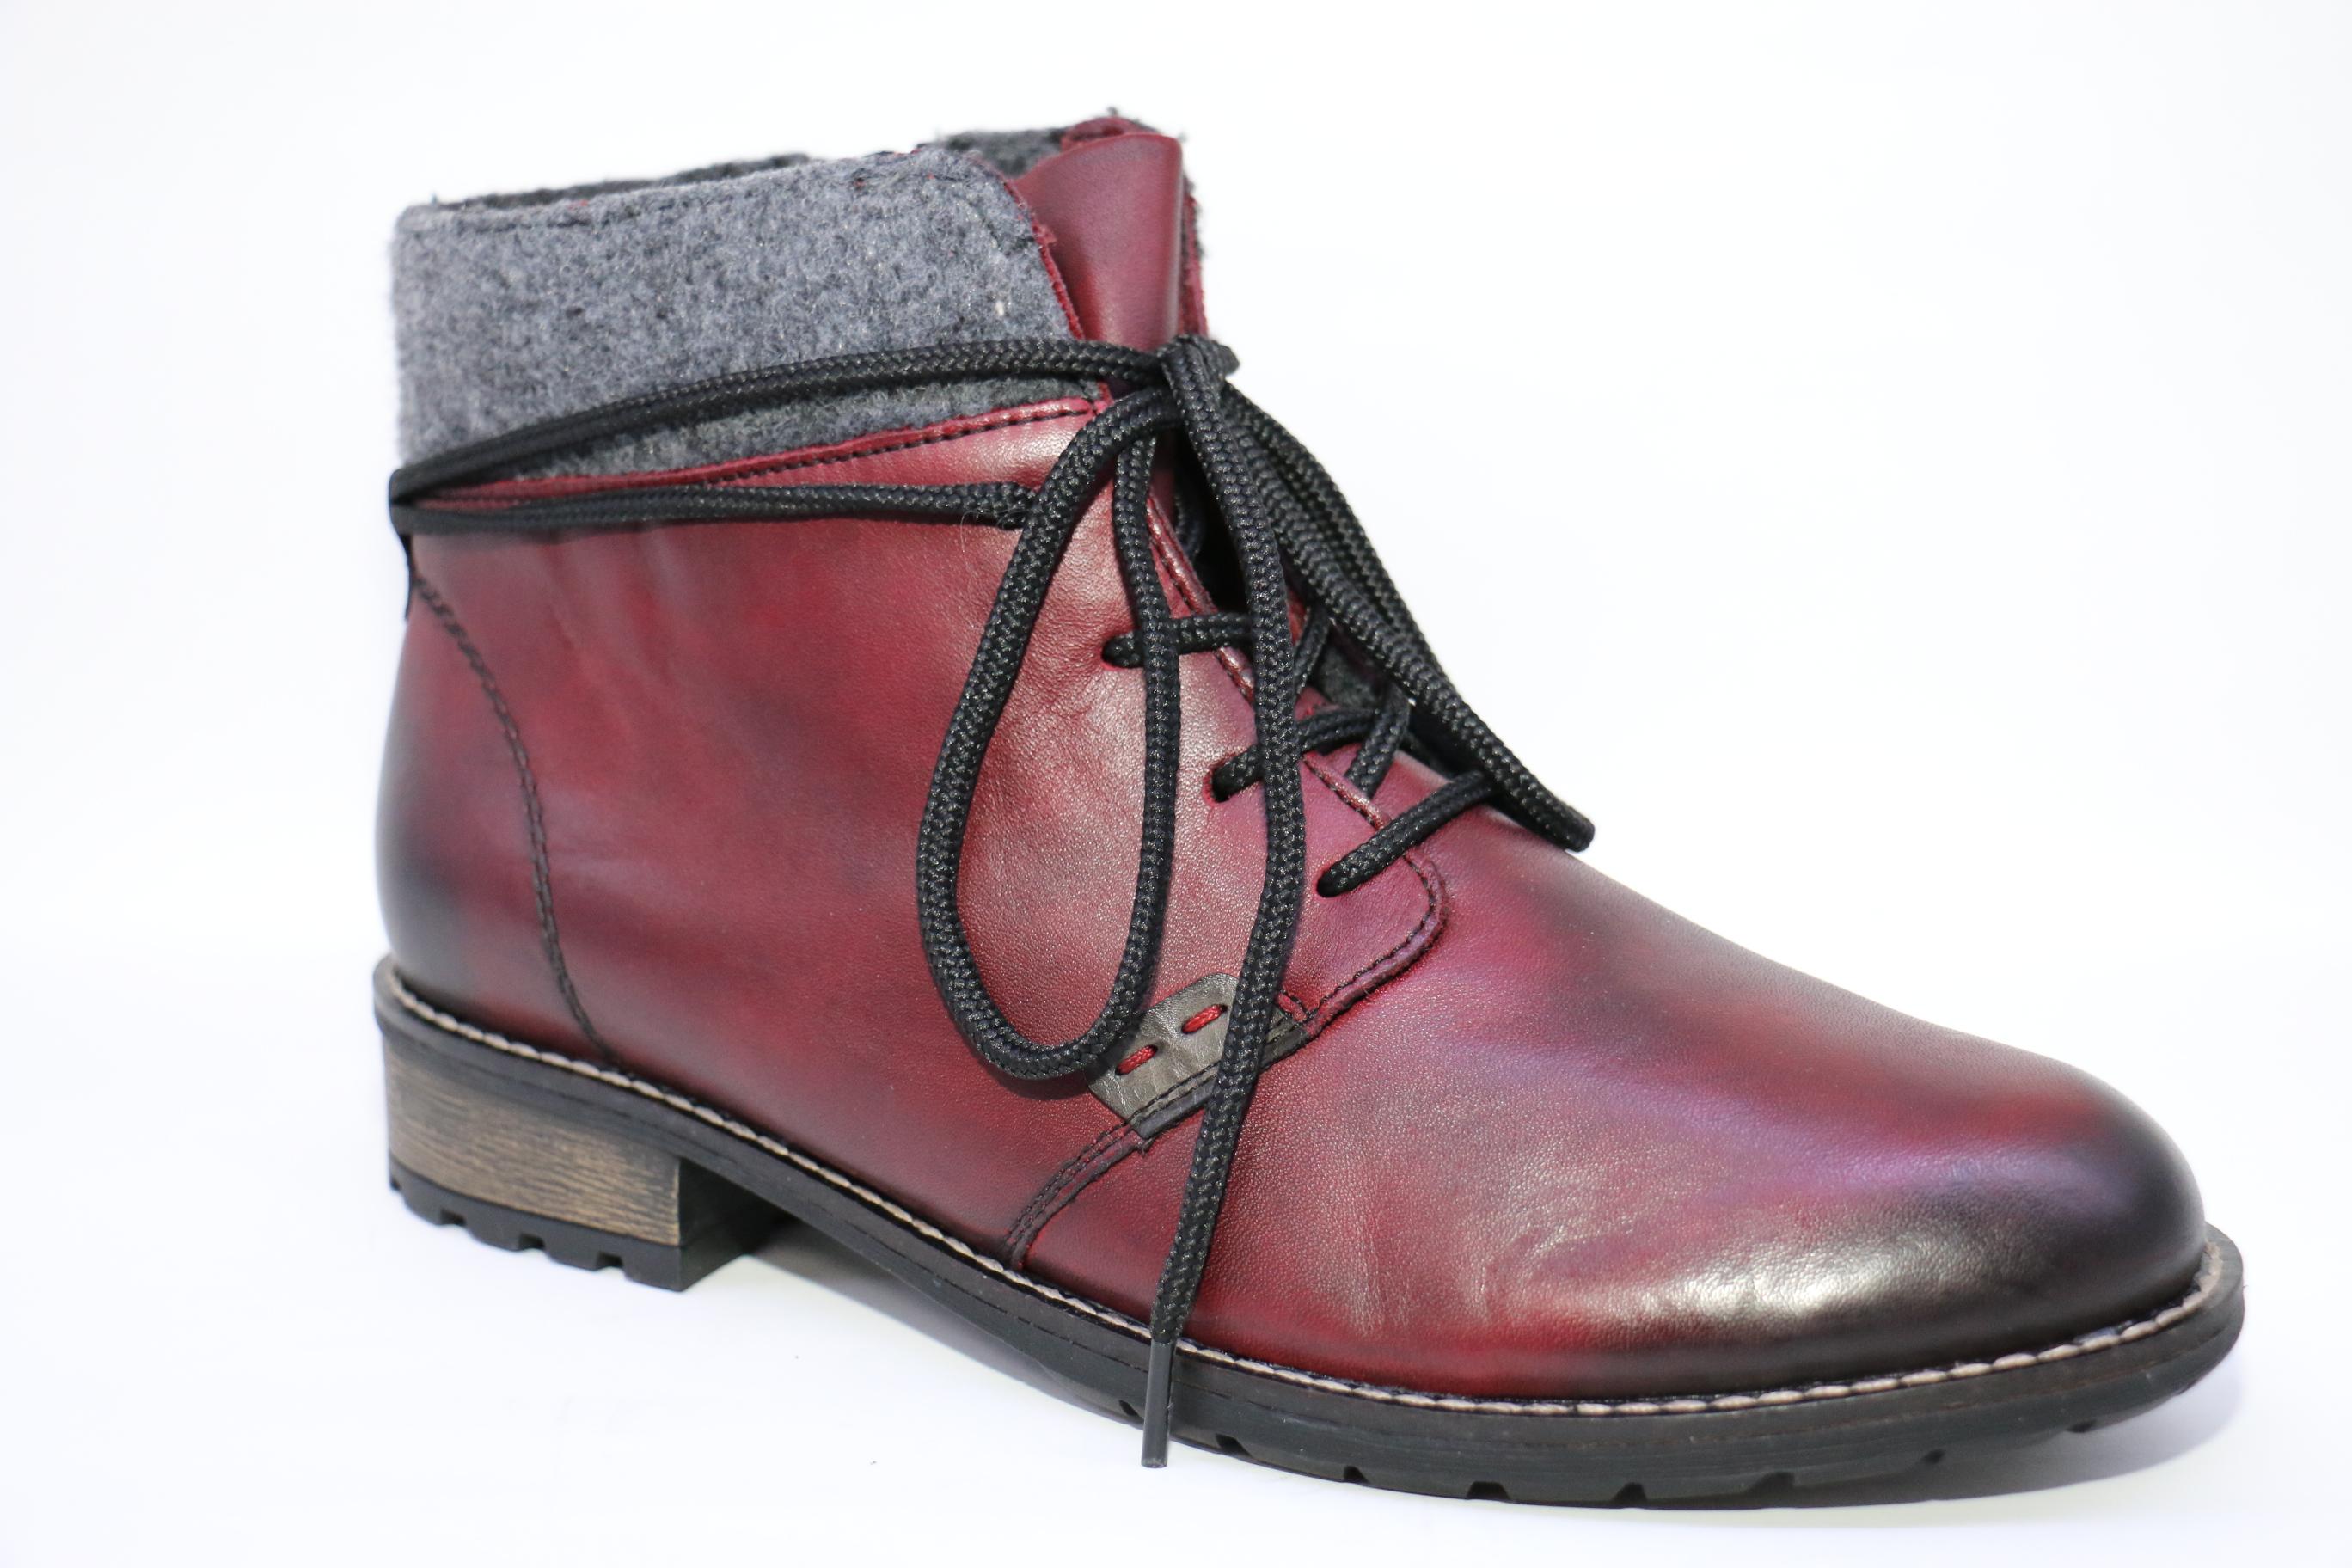 91067f66b Ботинки женские Rieker 3332-35 | Обувь из Германии.Немецкая обувь ...